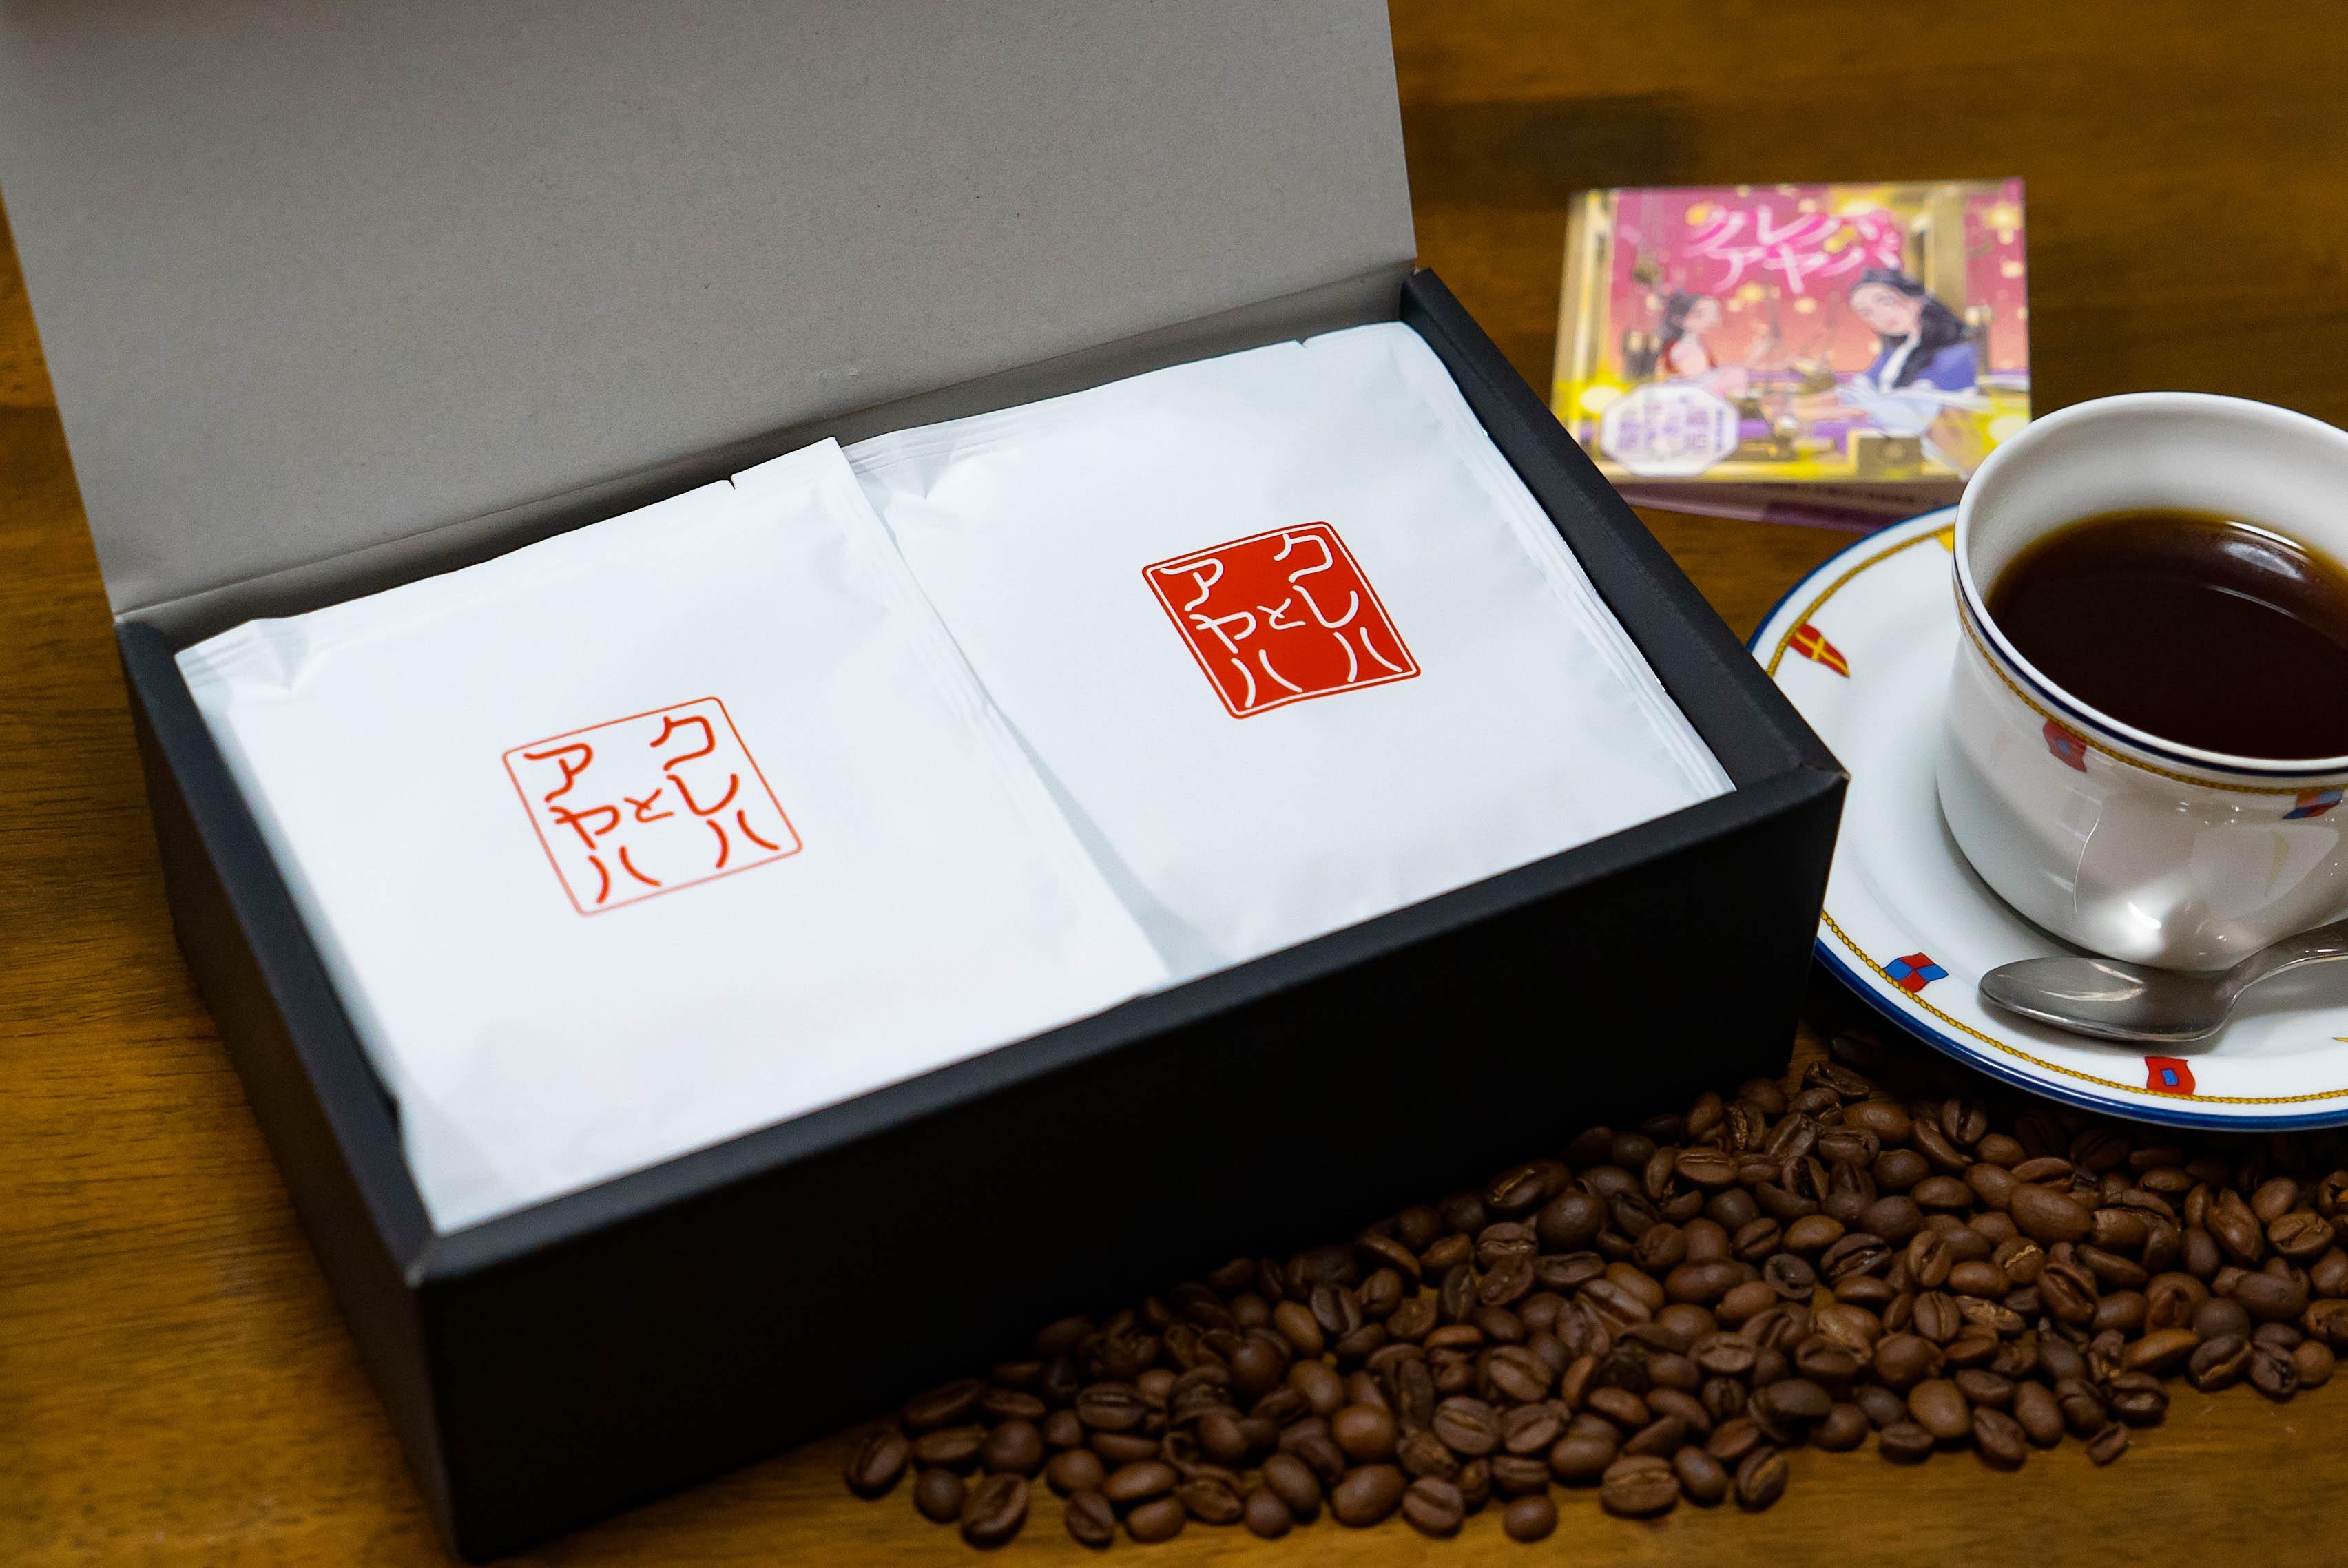 織姫伝説オリジナルブレンドコーヒードリップバッグ クレハとアヤハ